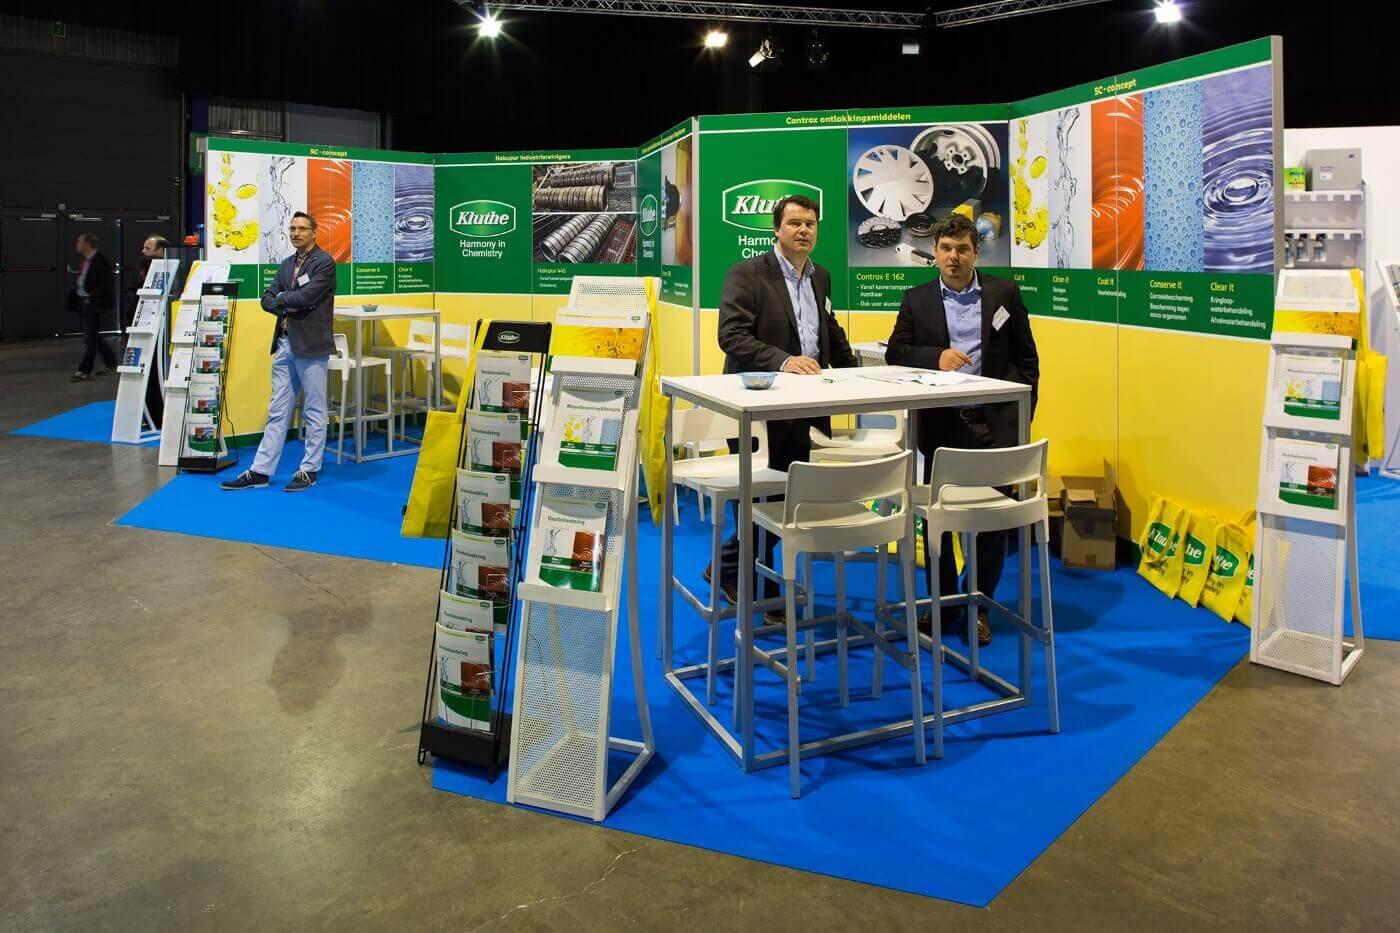 Modulaire stand met wanden met prints | © www.Expopoint.be